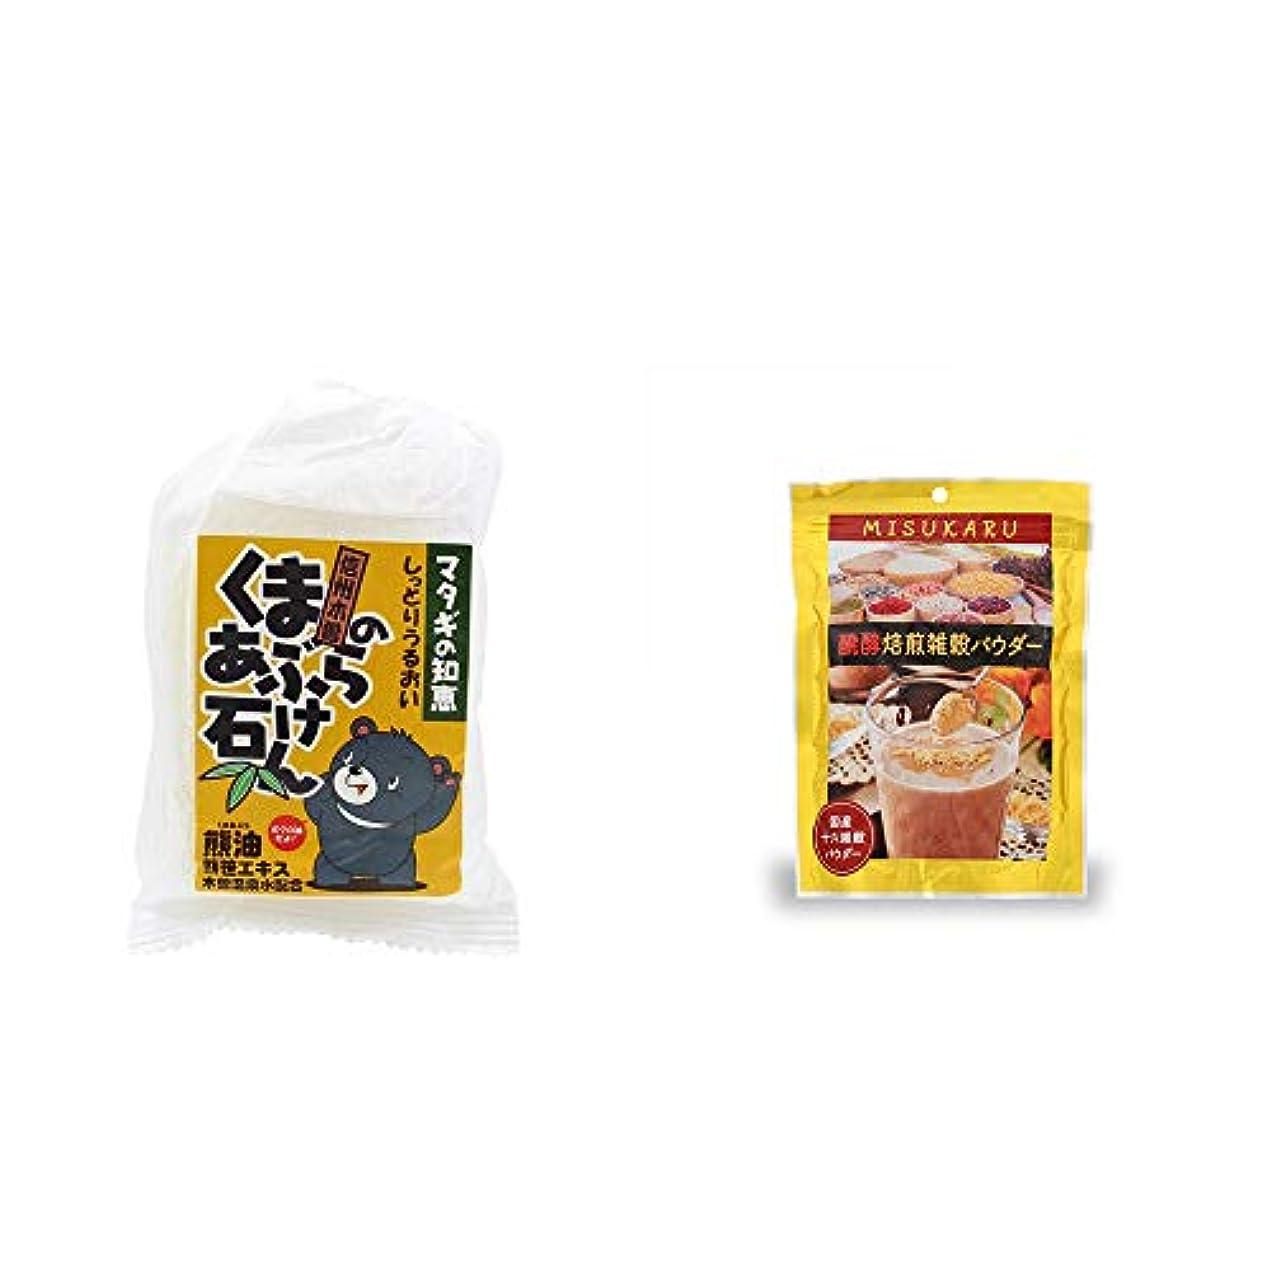 磁器お願いします判定[2点セット] 信州木曽 くまのあぶら石けん(80g)?醗酵焙煎雑穀パウダー MISUKARU(ミスカル)(200g)